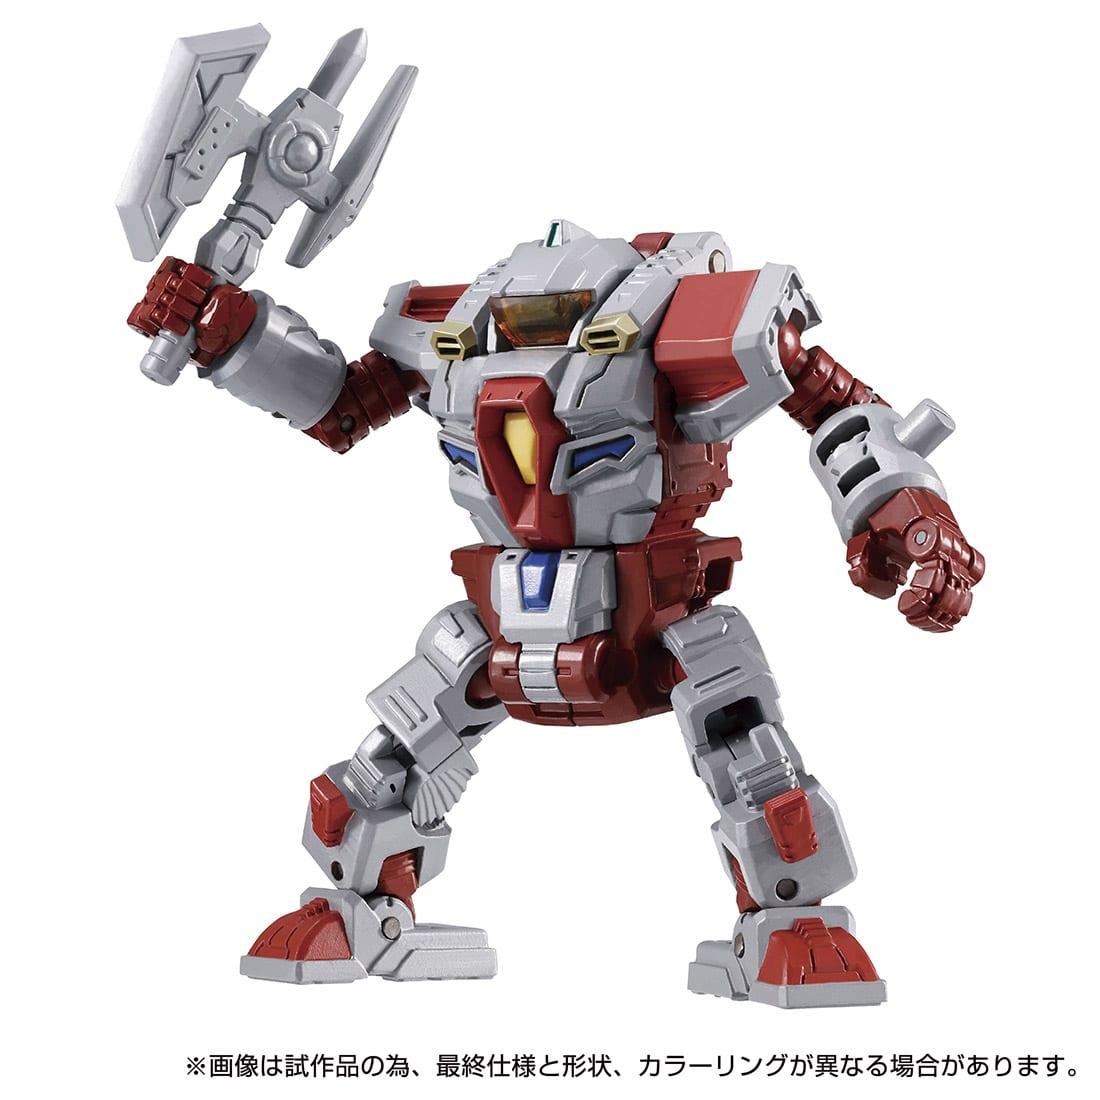 ダイアクロン / グリッドマンユニバース 02『ダイアクロンVS.グリッドマン Ver』可動フィギュア-015